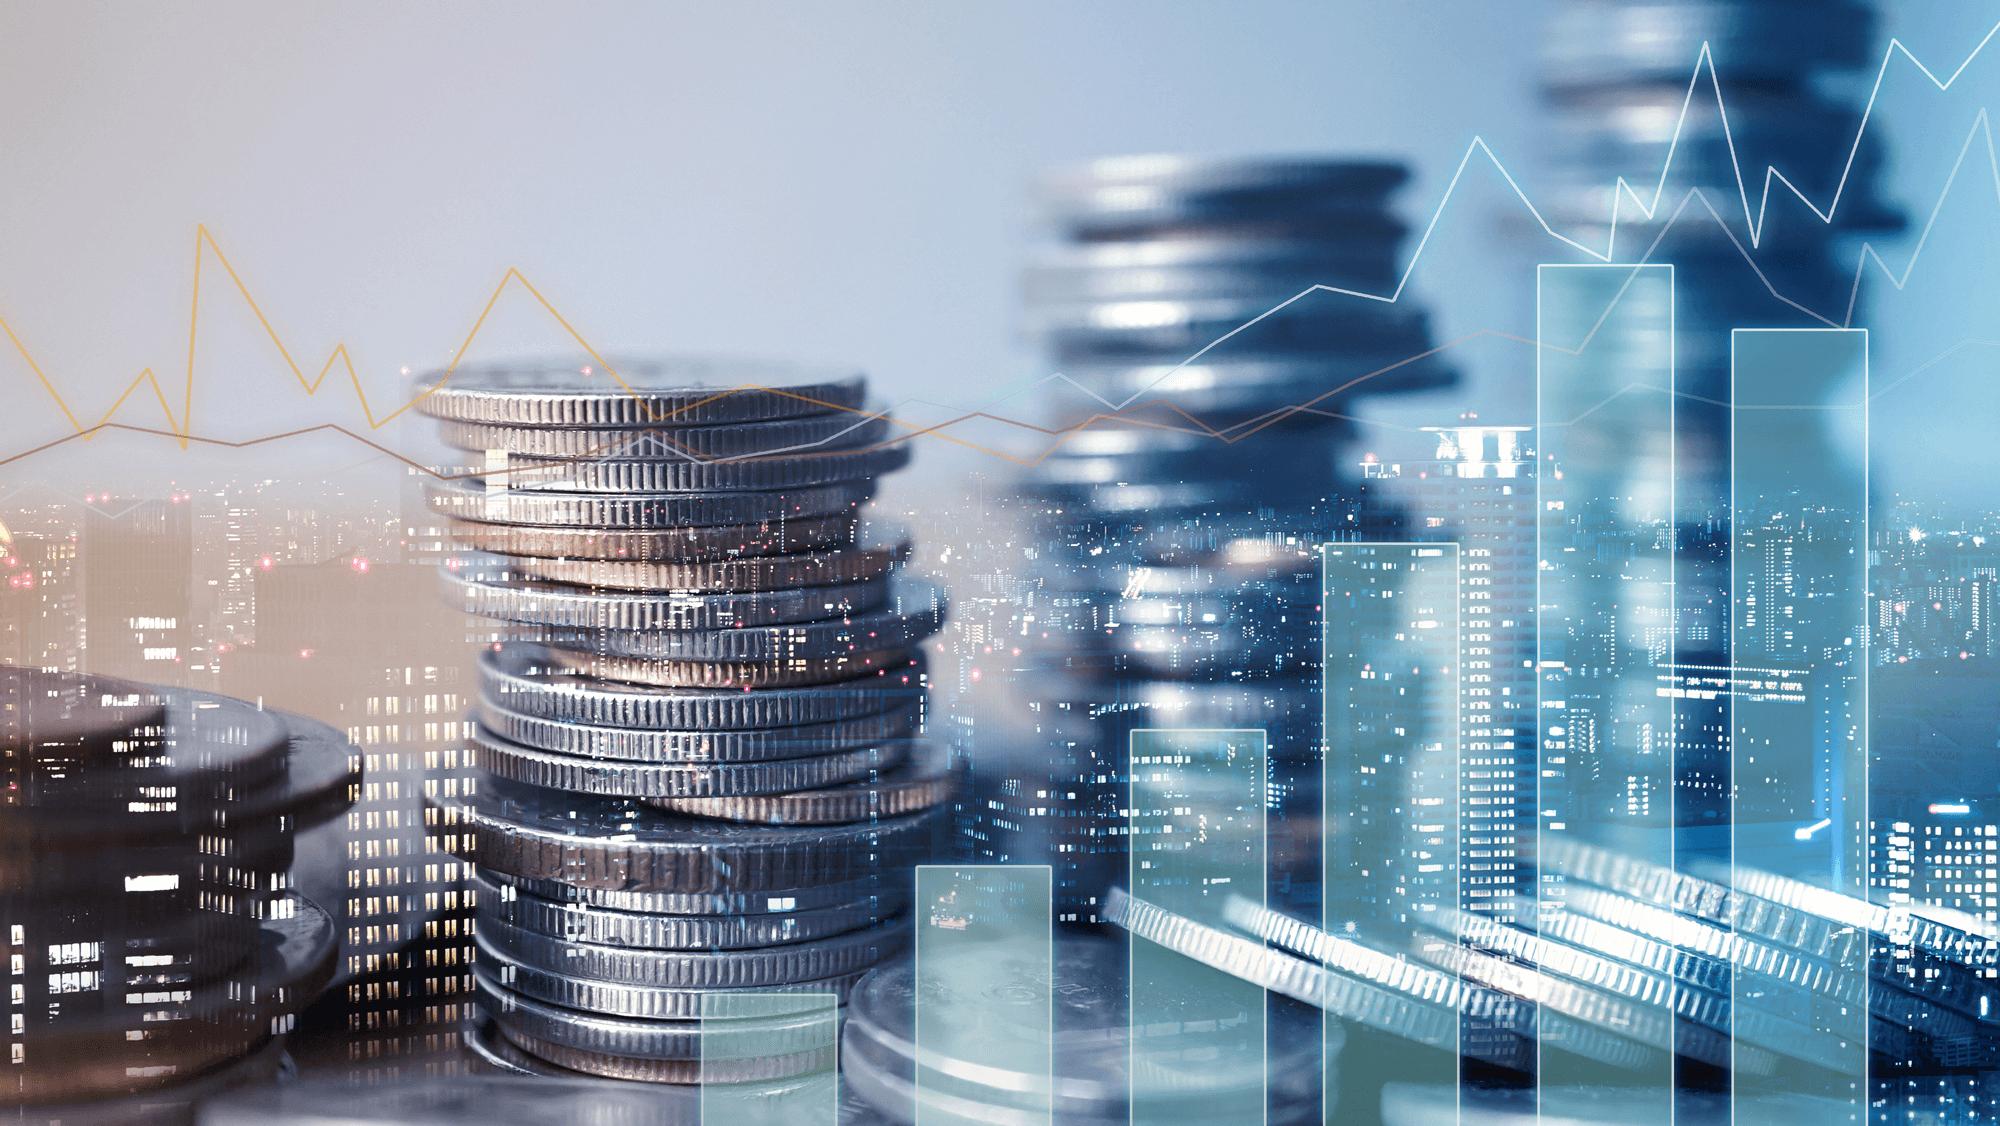 Bonussen aan de top | Zelfverrijking | Iedereen moeten winstdelen